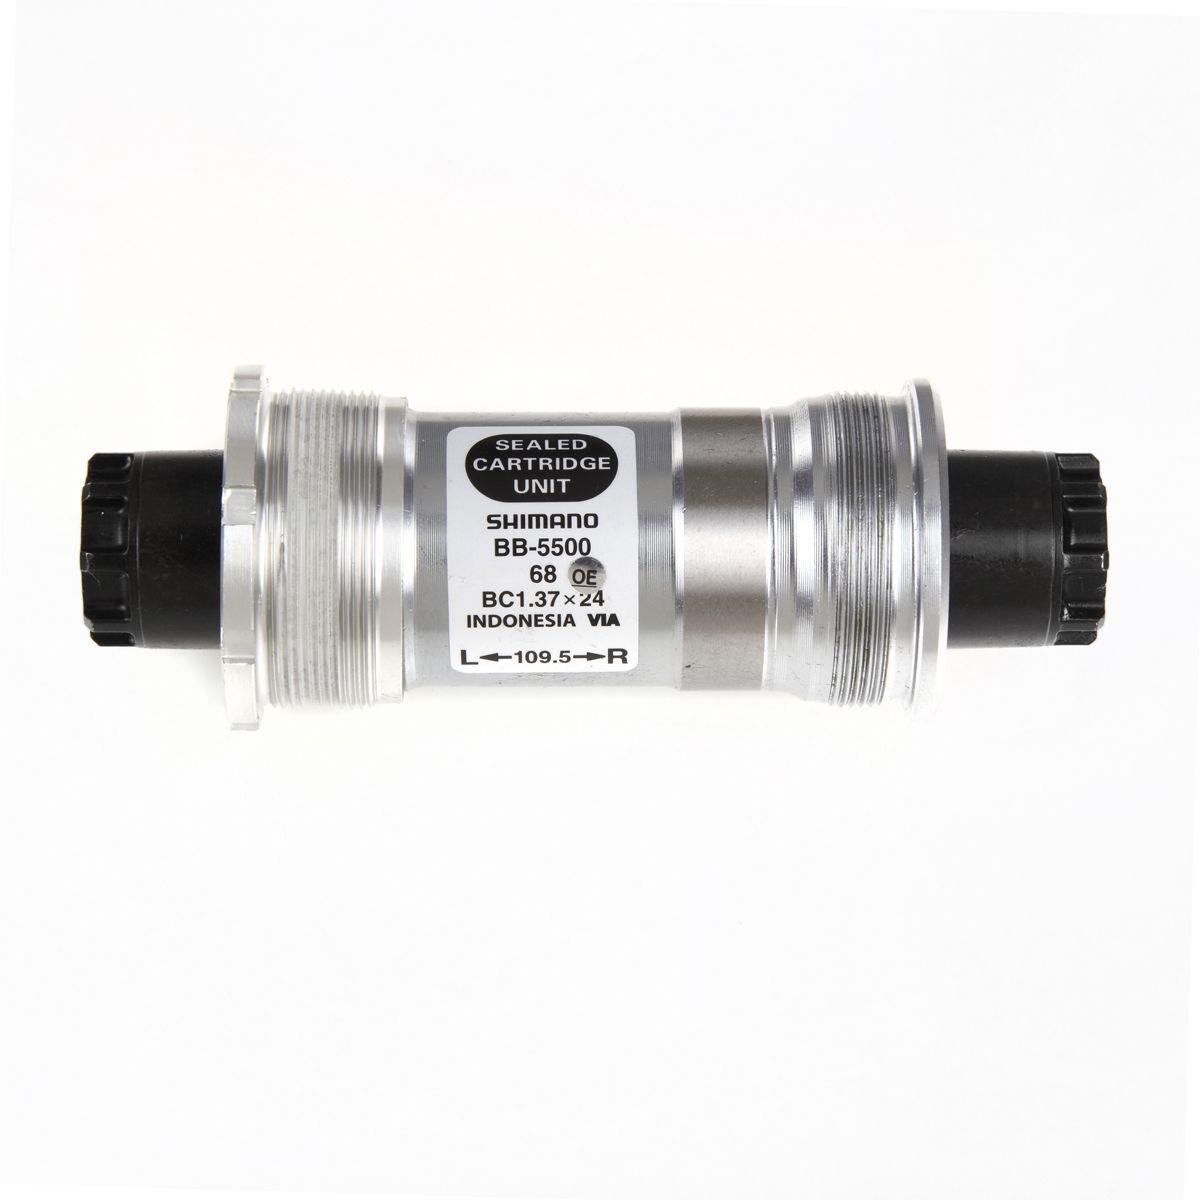 Boîtier de pédalier Shimano BB-5500 Octalink BSA 68 x 109 mm